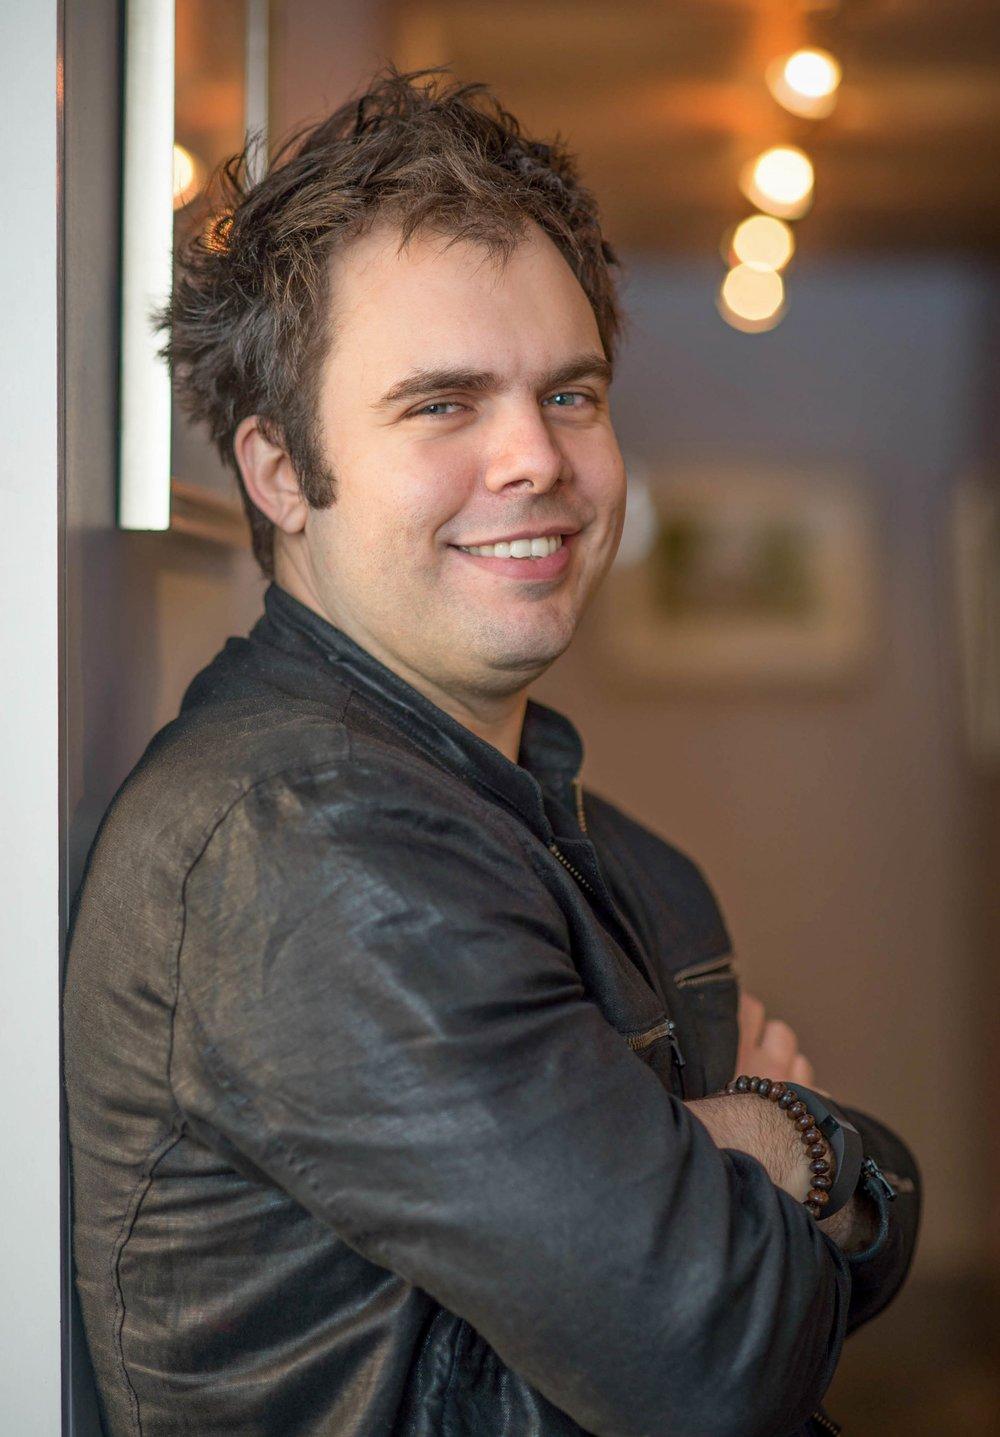 Cody Farris, AIA             cnf@duvalldecker.com